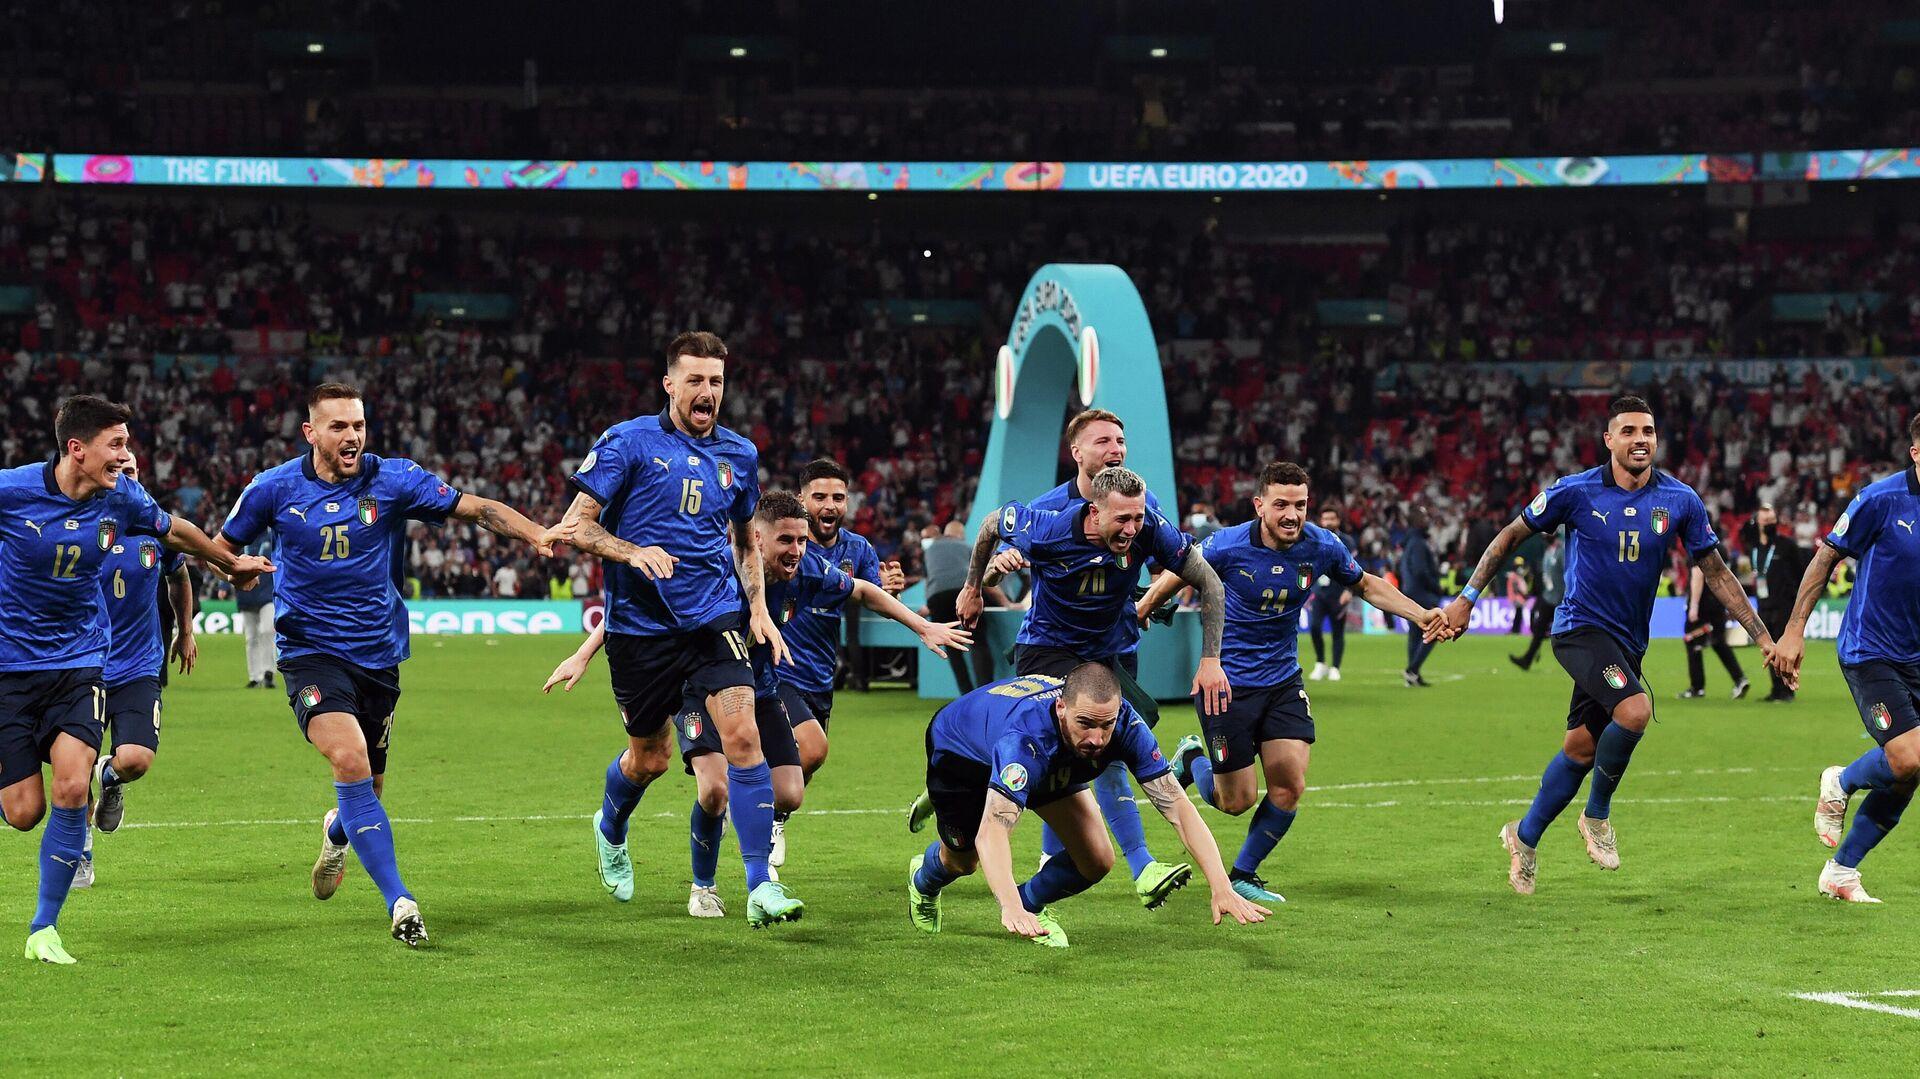 Футболисты сборной Италии после победы на ЕВРО-2020 - РИА Новости, 1920, 12.07.2021